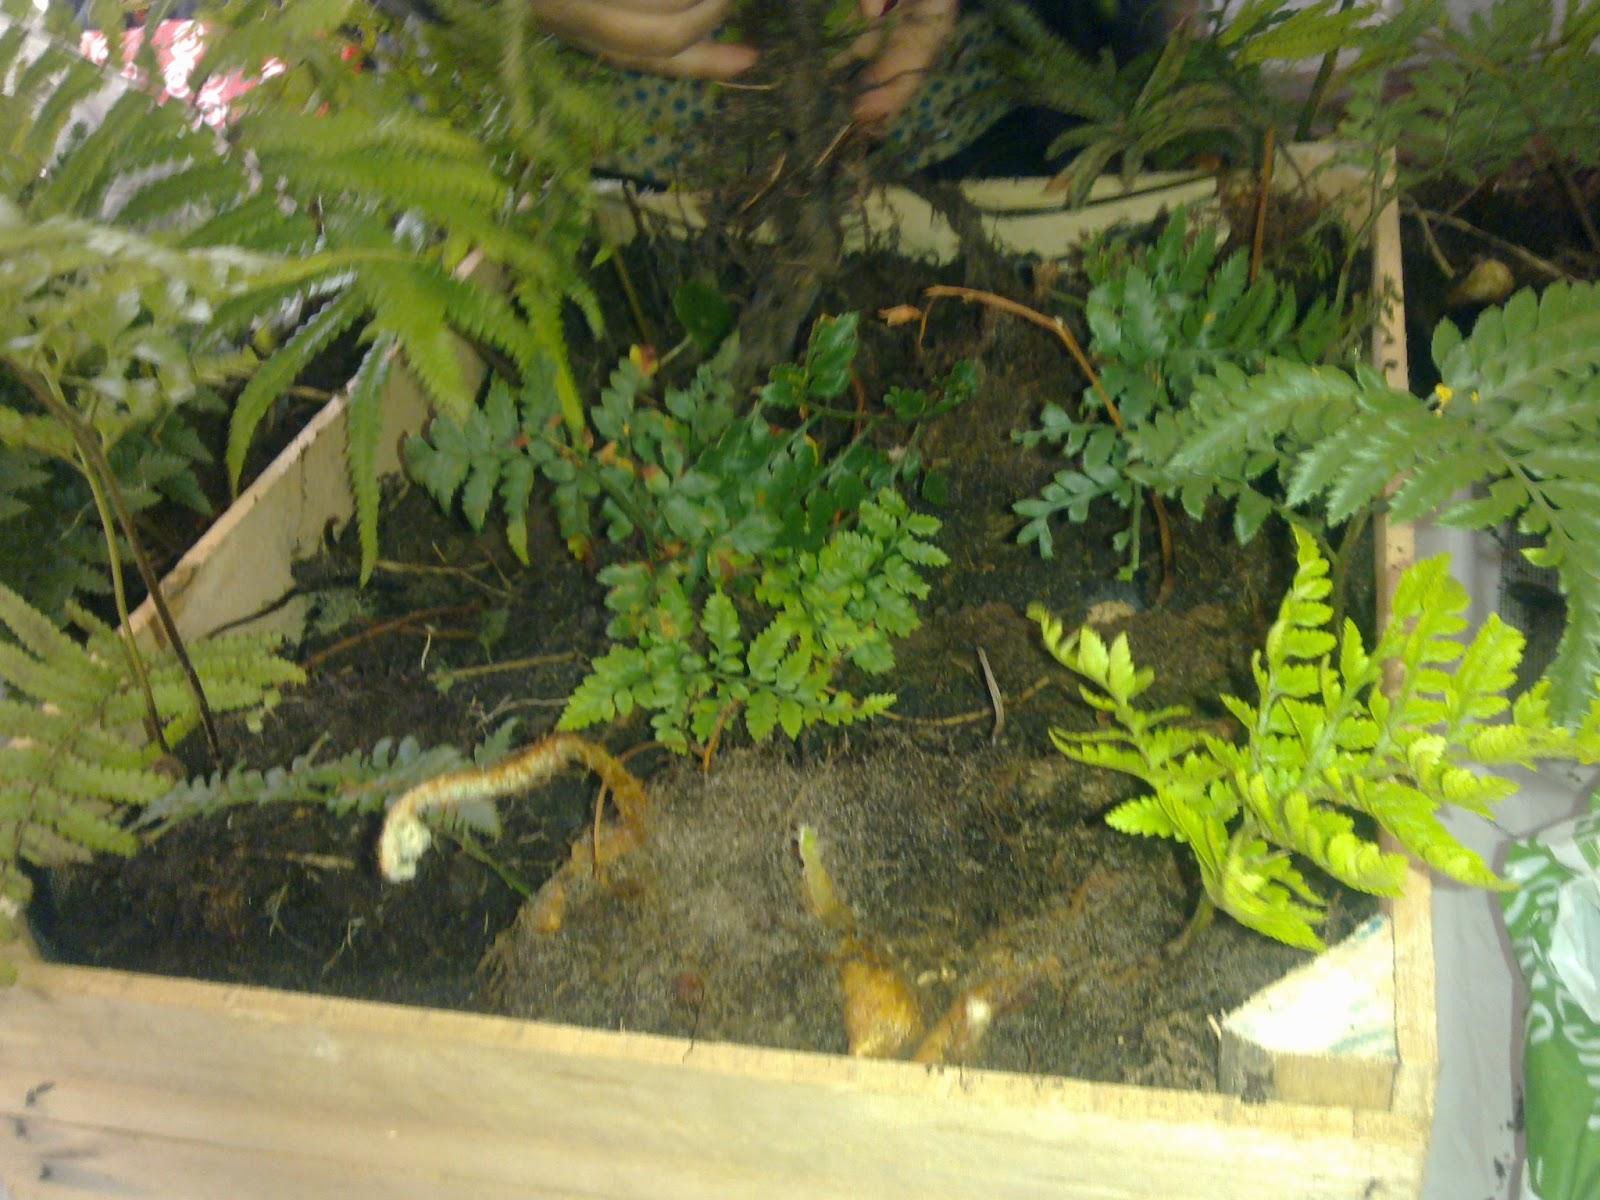 para plantas pequeas colocar sobre la superficie del cajn una malla y sostenerla con grampas o clavitos